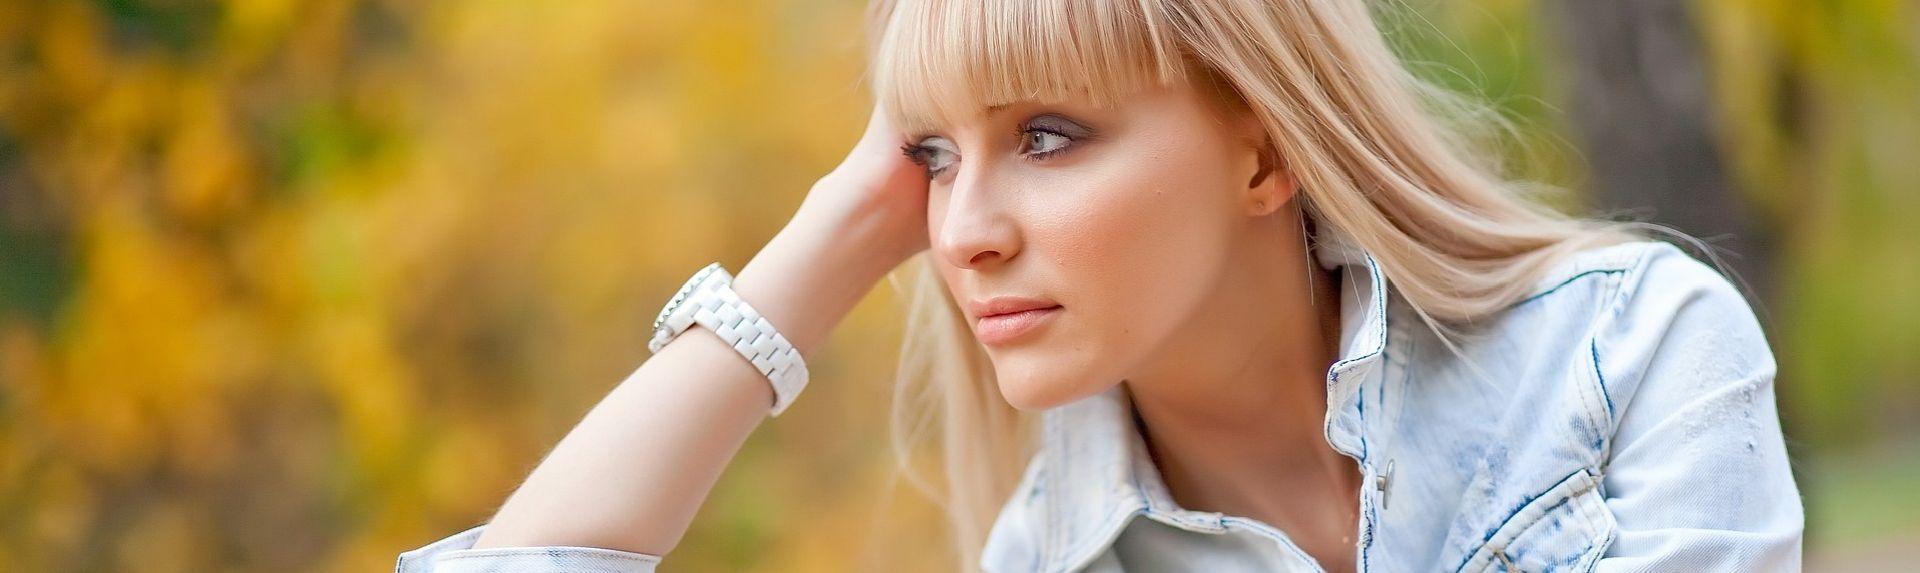 Гиперпролактинемия: симптомы и лечение у женщин